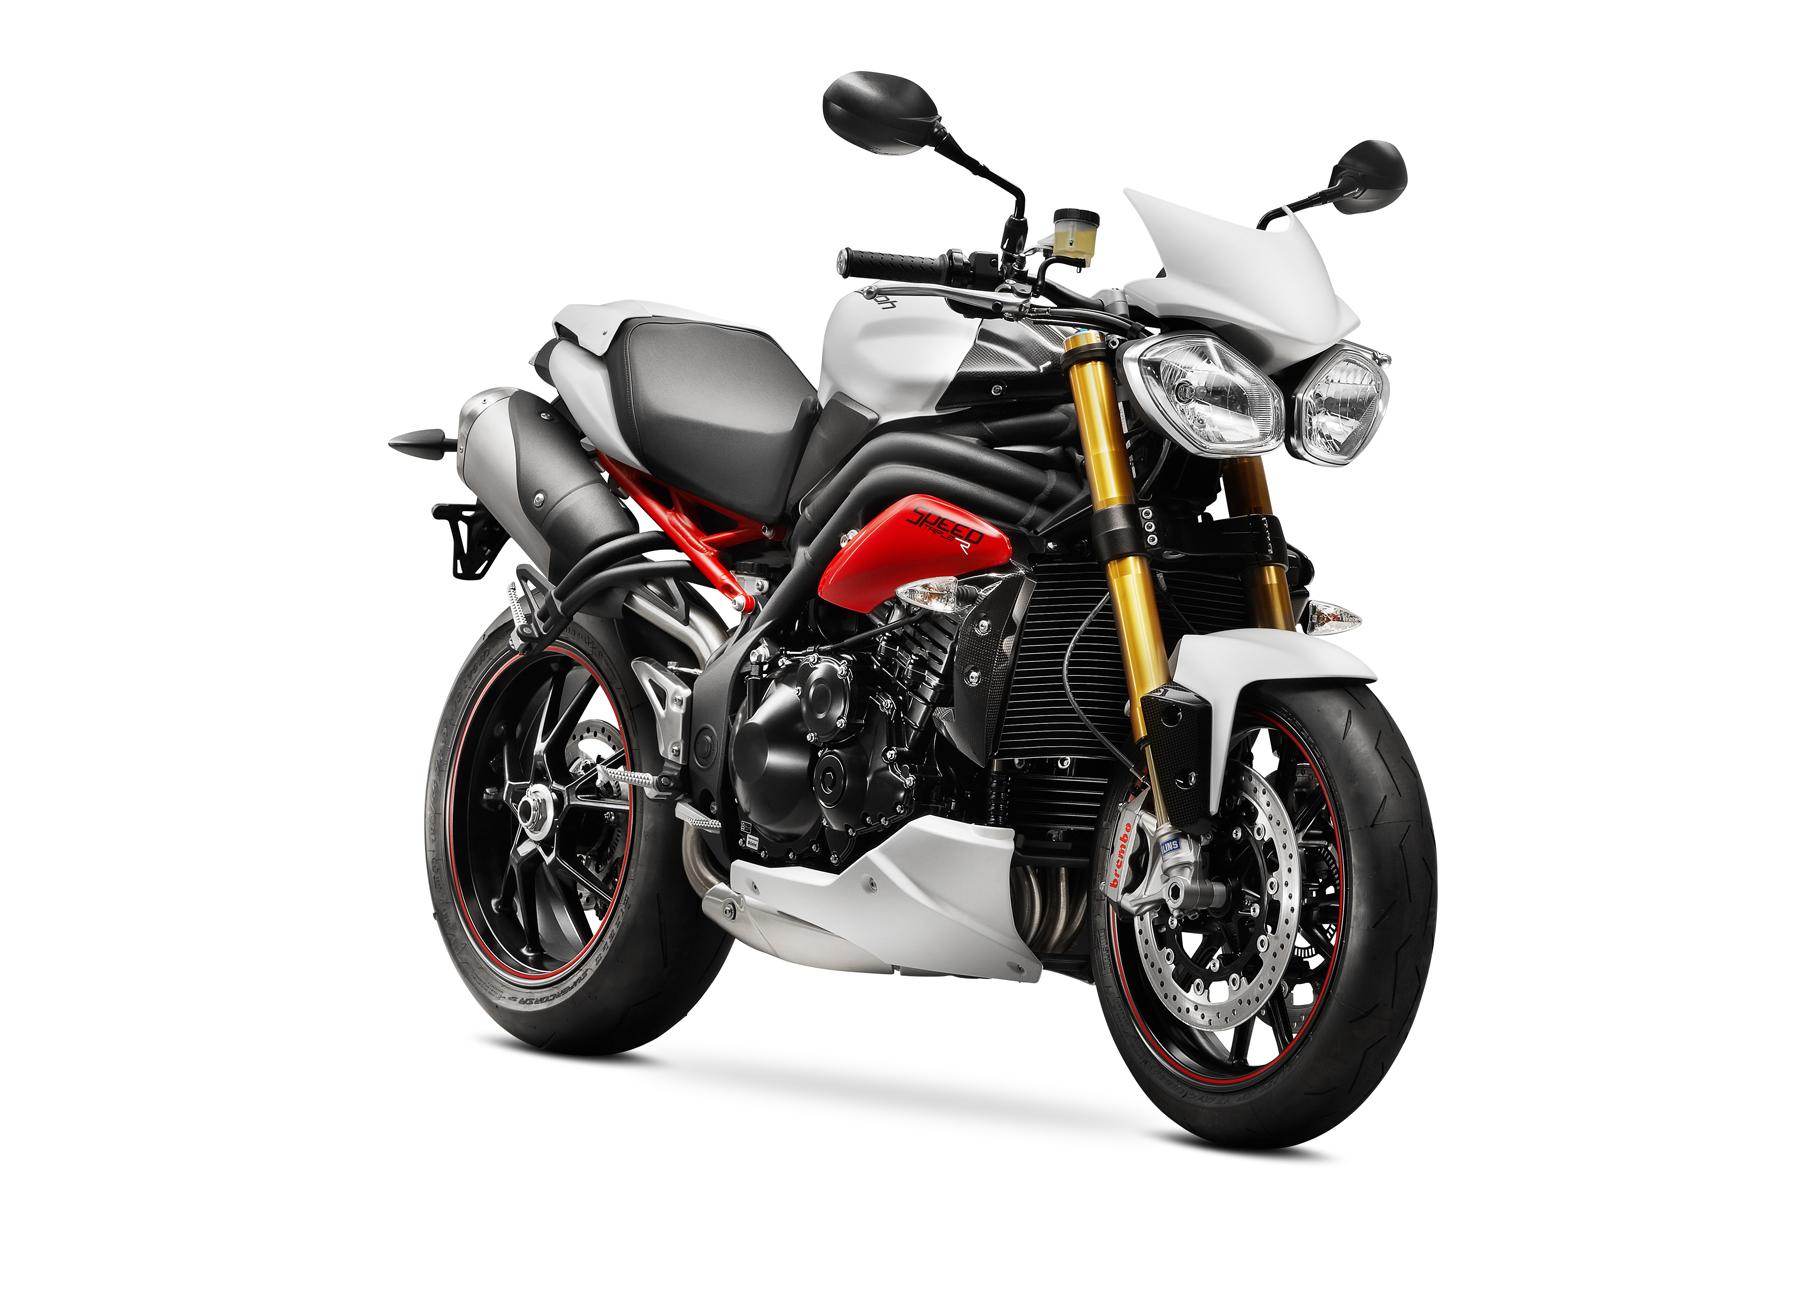 New Triumph Speed Triple under development